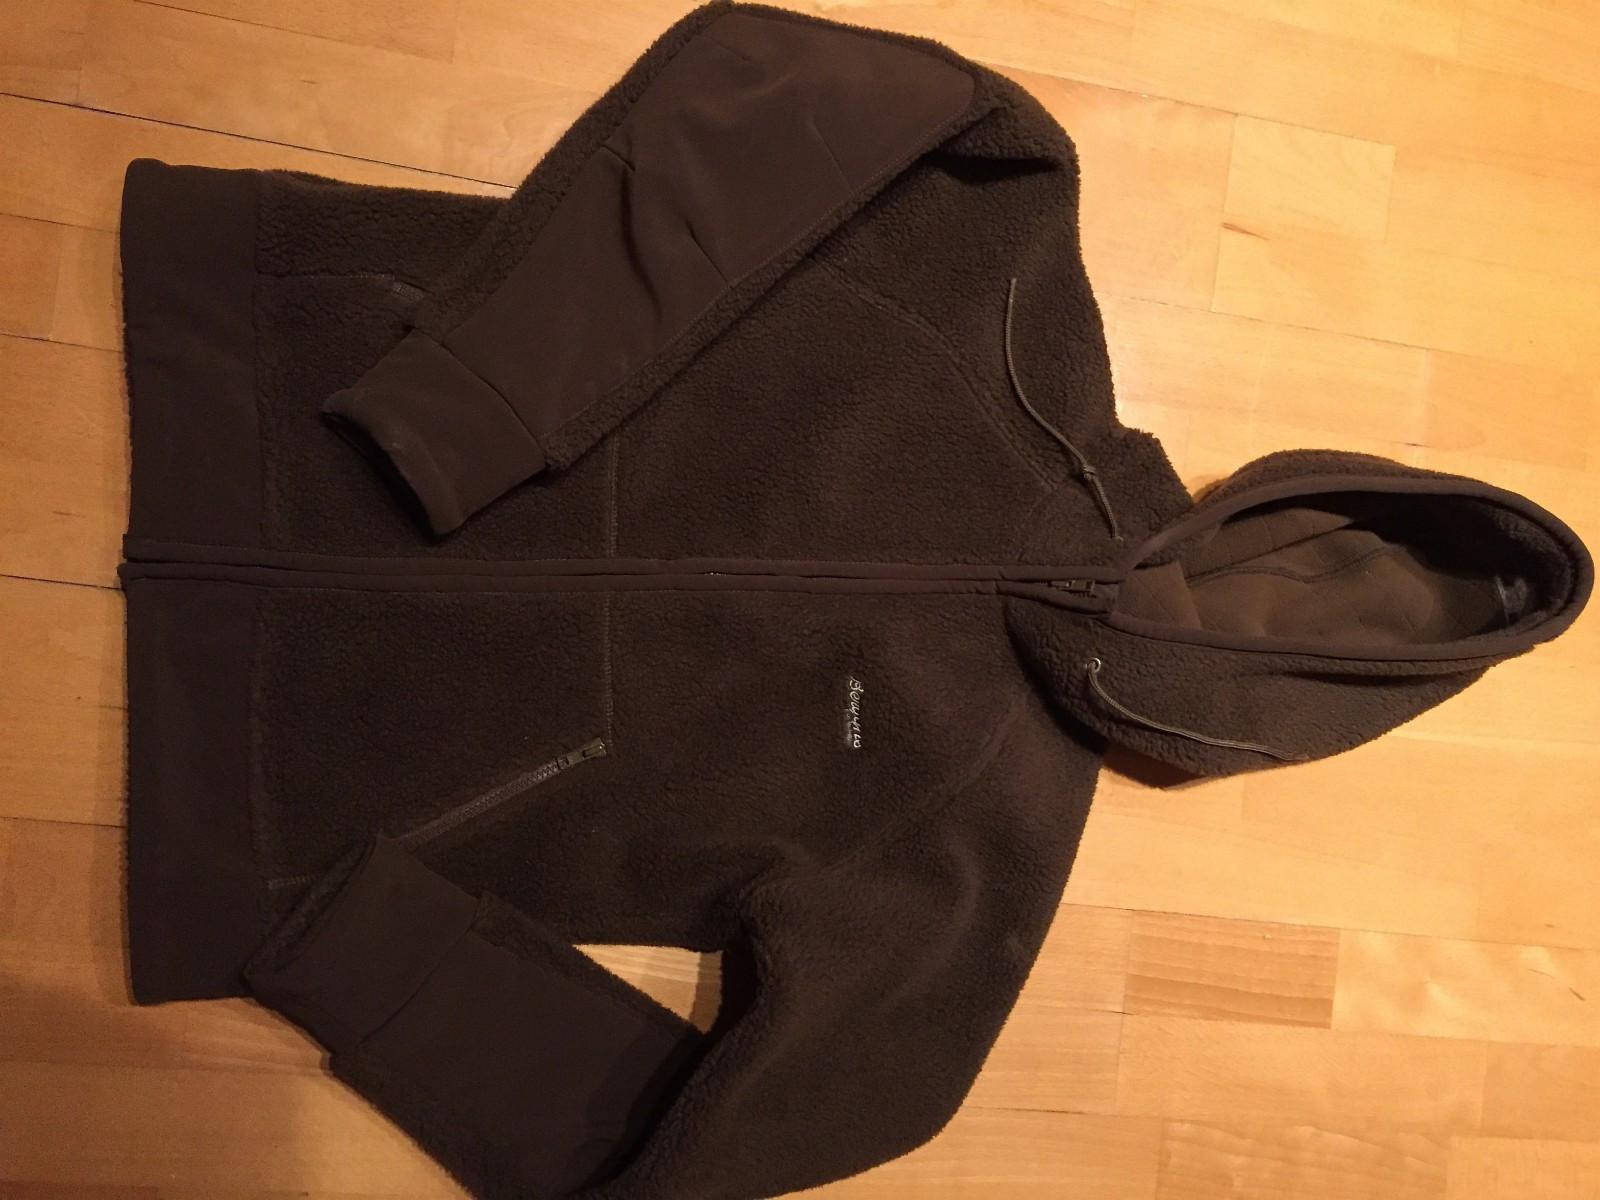 Ny pris. Bergans jakke - Hokksund  - Lite brukt bergansjakke, god og varm. - Hokksund